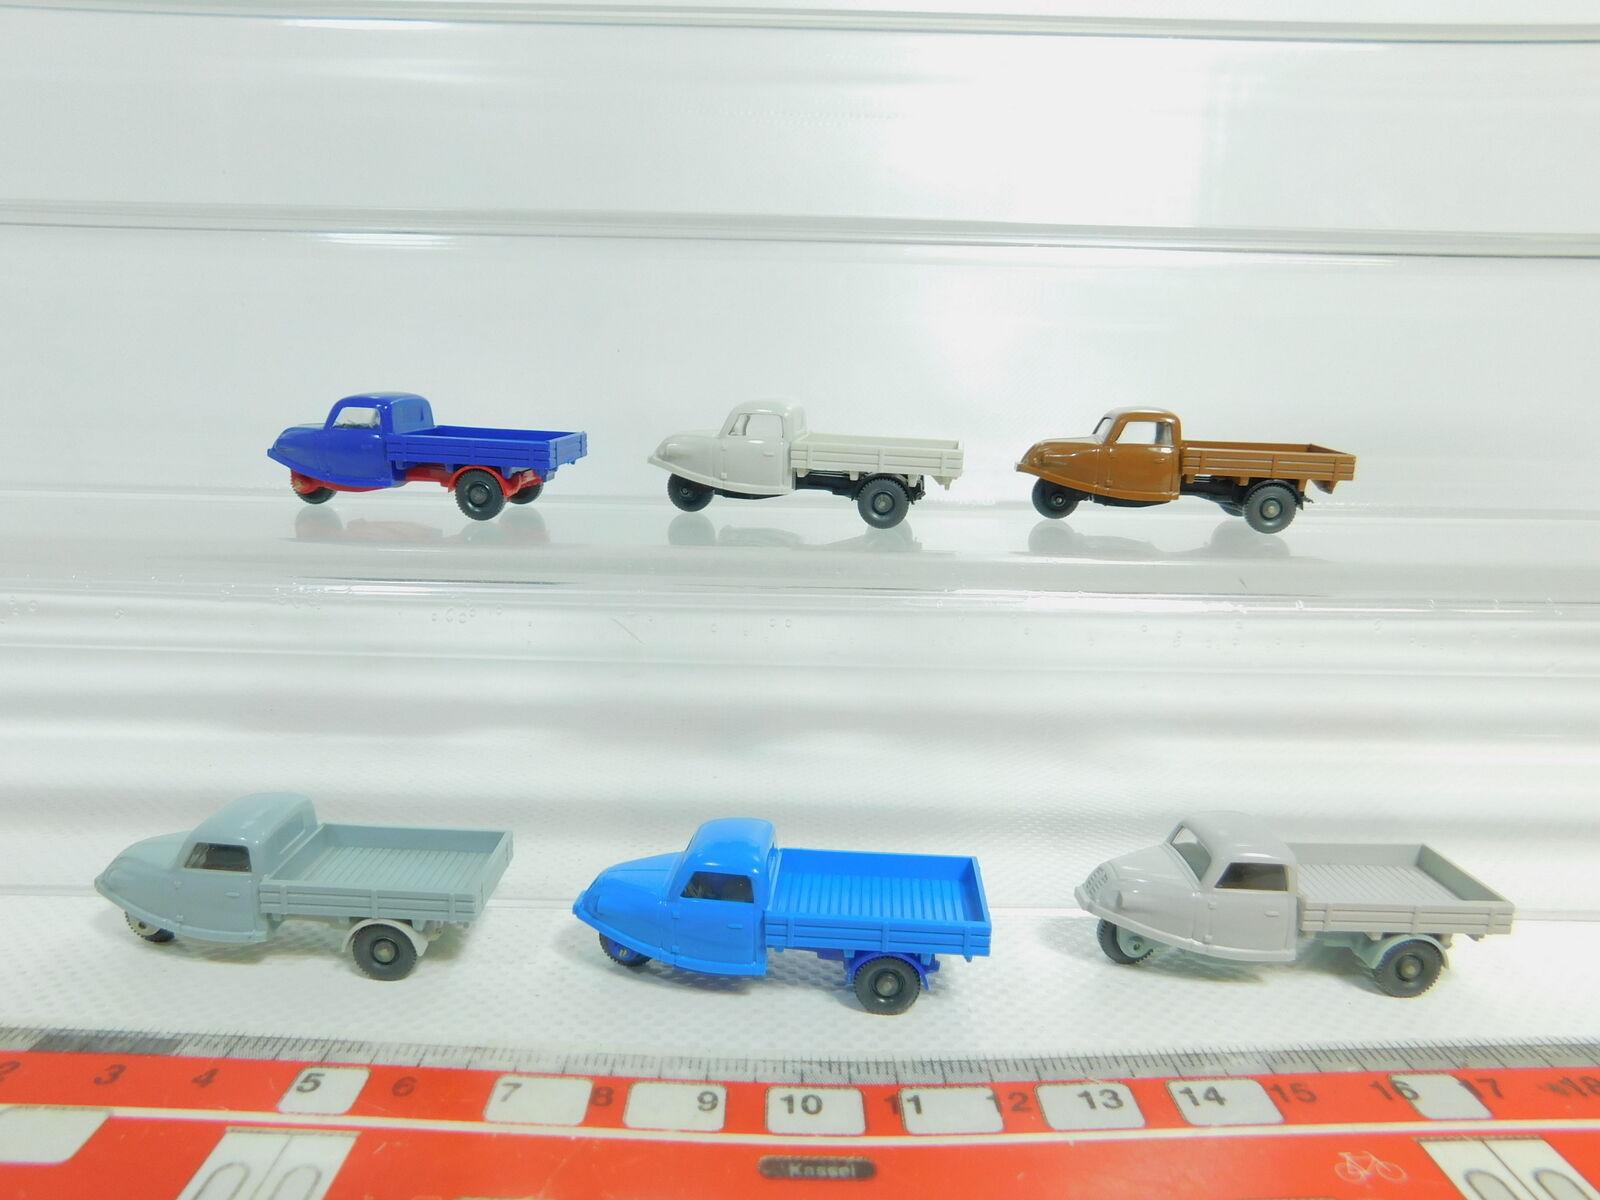 BO603-0, BO603-0, BO603-0, 5  6x Wiking H0   1 87 Modelo Goli Triciclo  250+330 Etc. ,Nuevo 0989d6